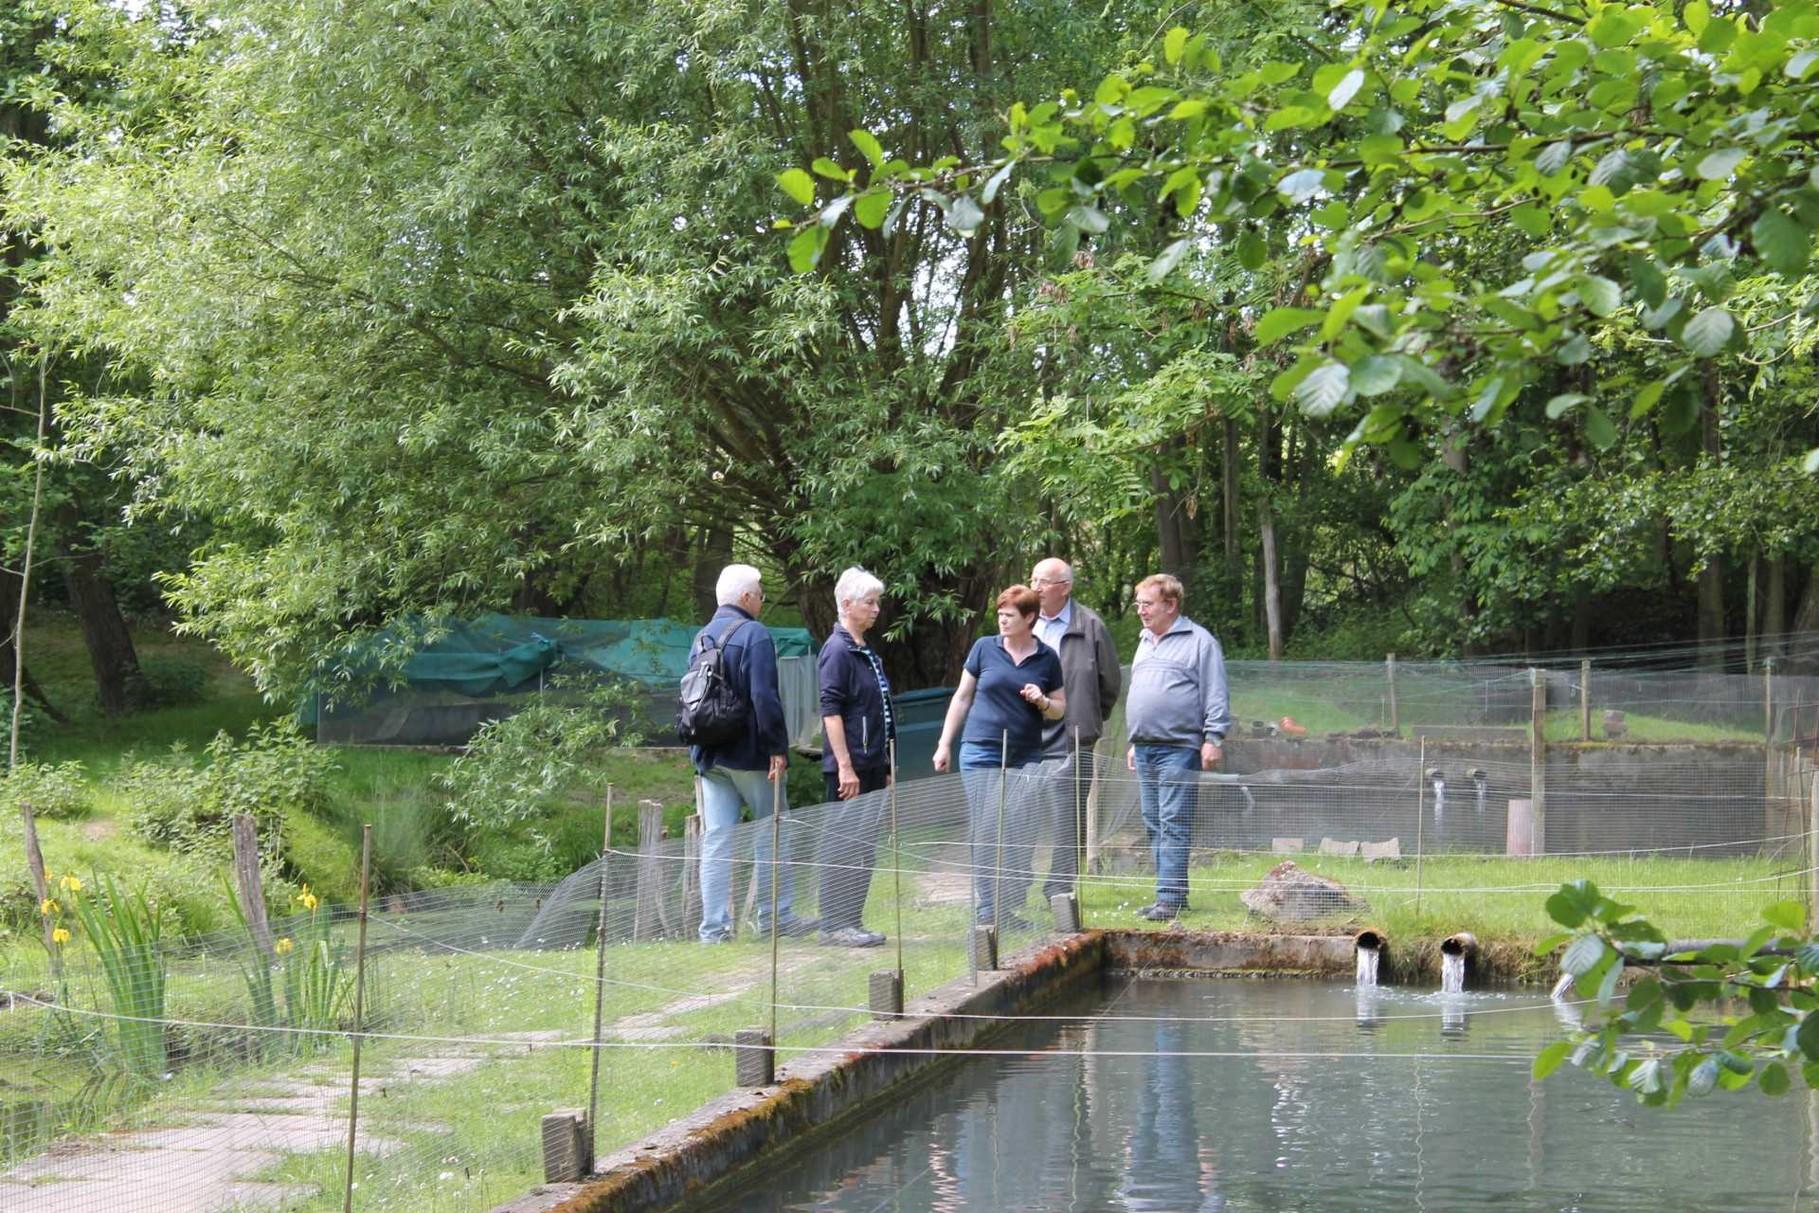 Forellenzucht ernst in gochsheim kraichtalers webseite for Garten fische